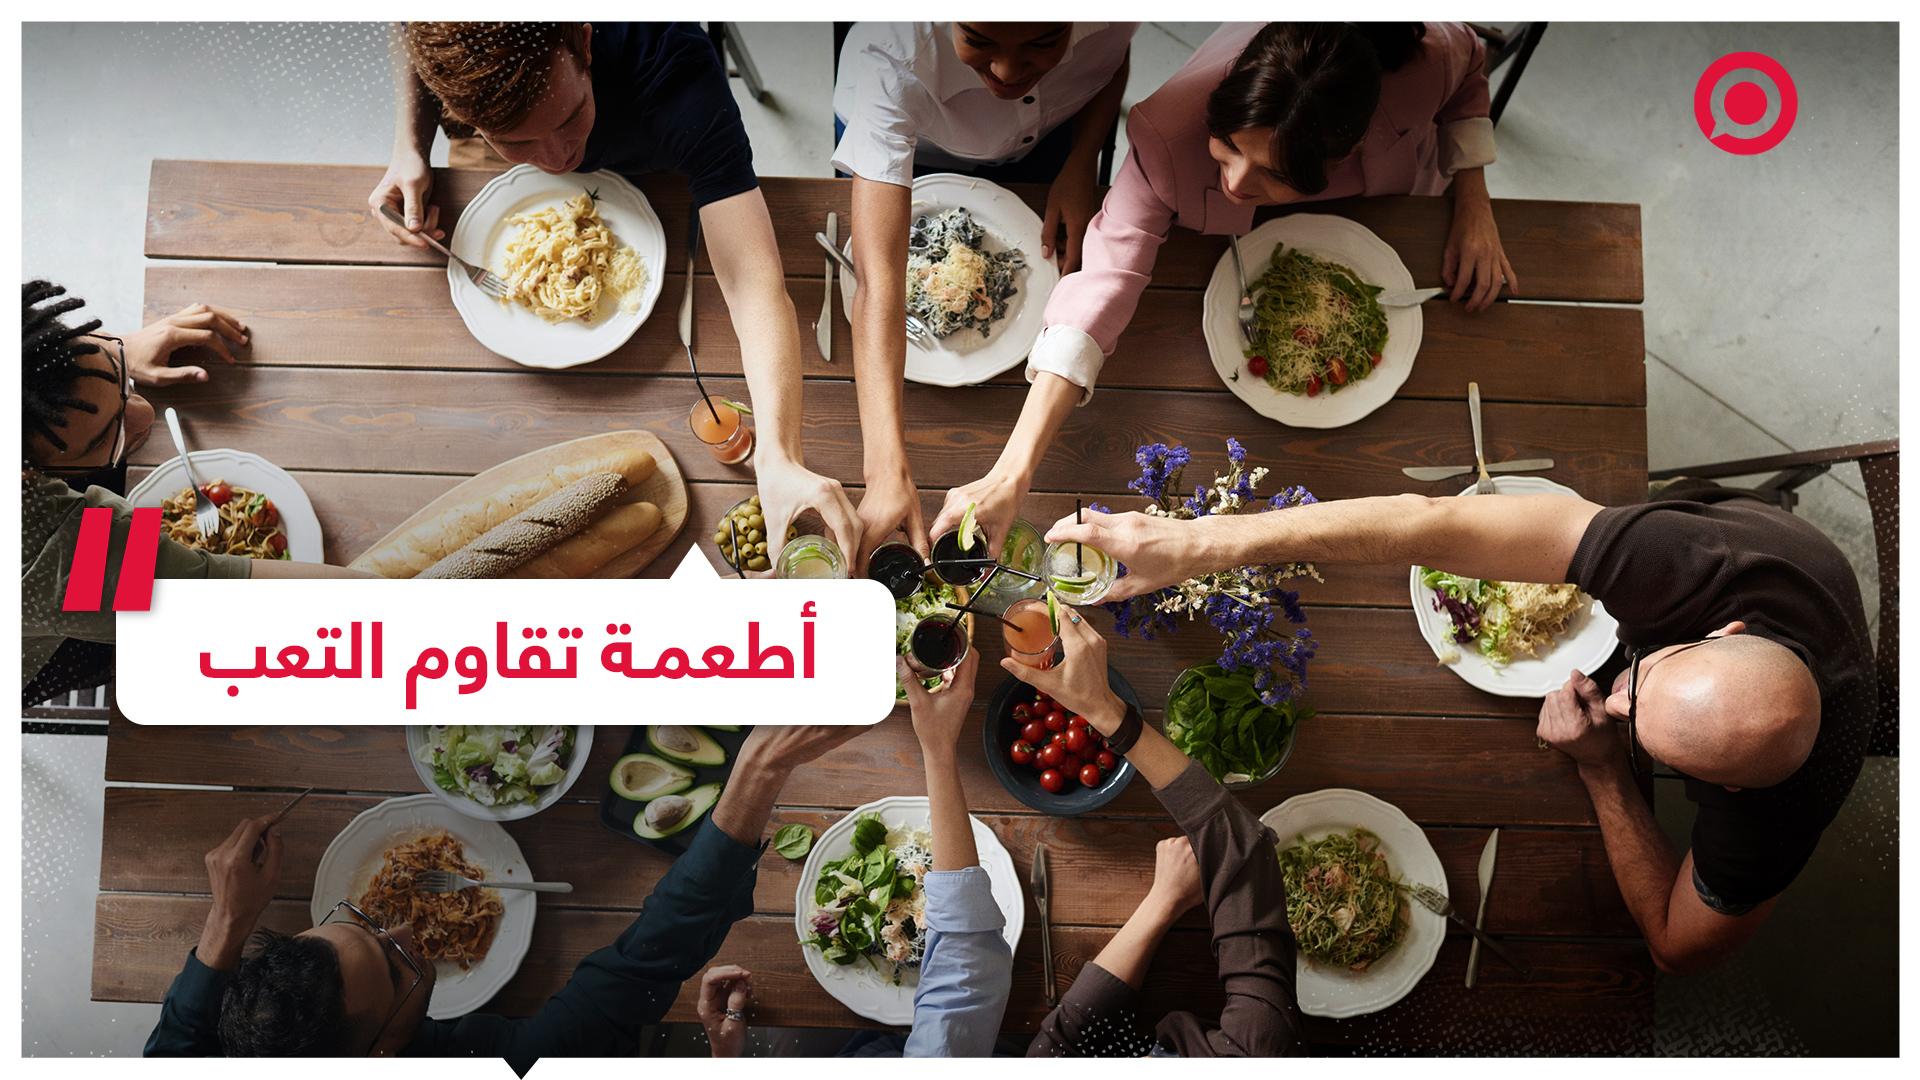 #أطعمة   #صحة   #غذاء